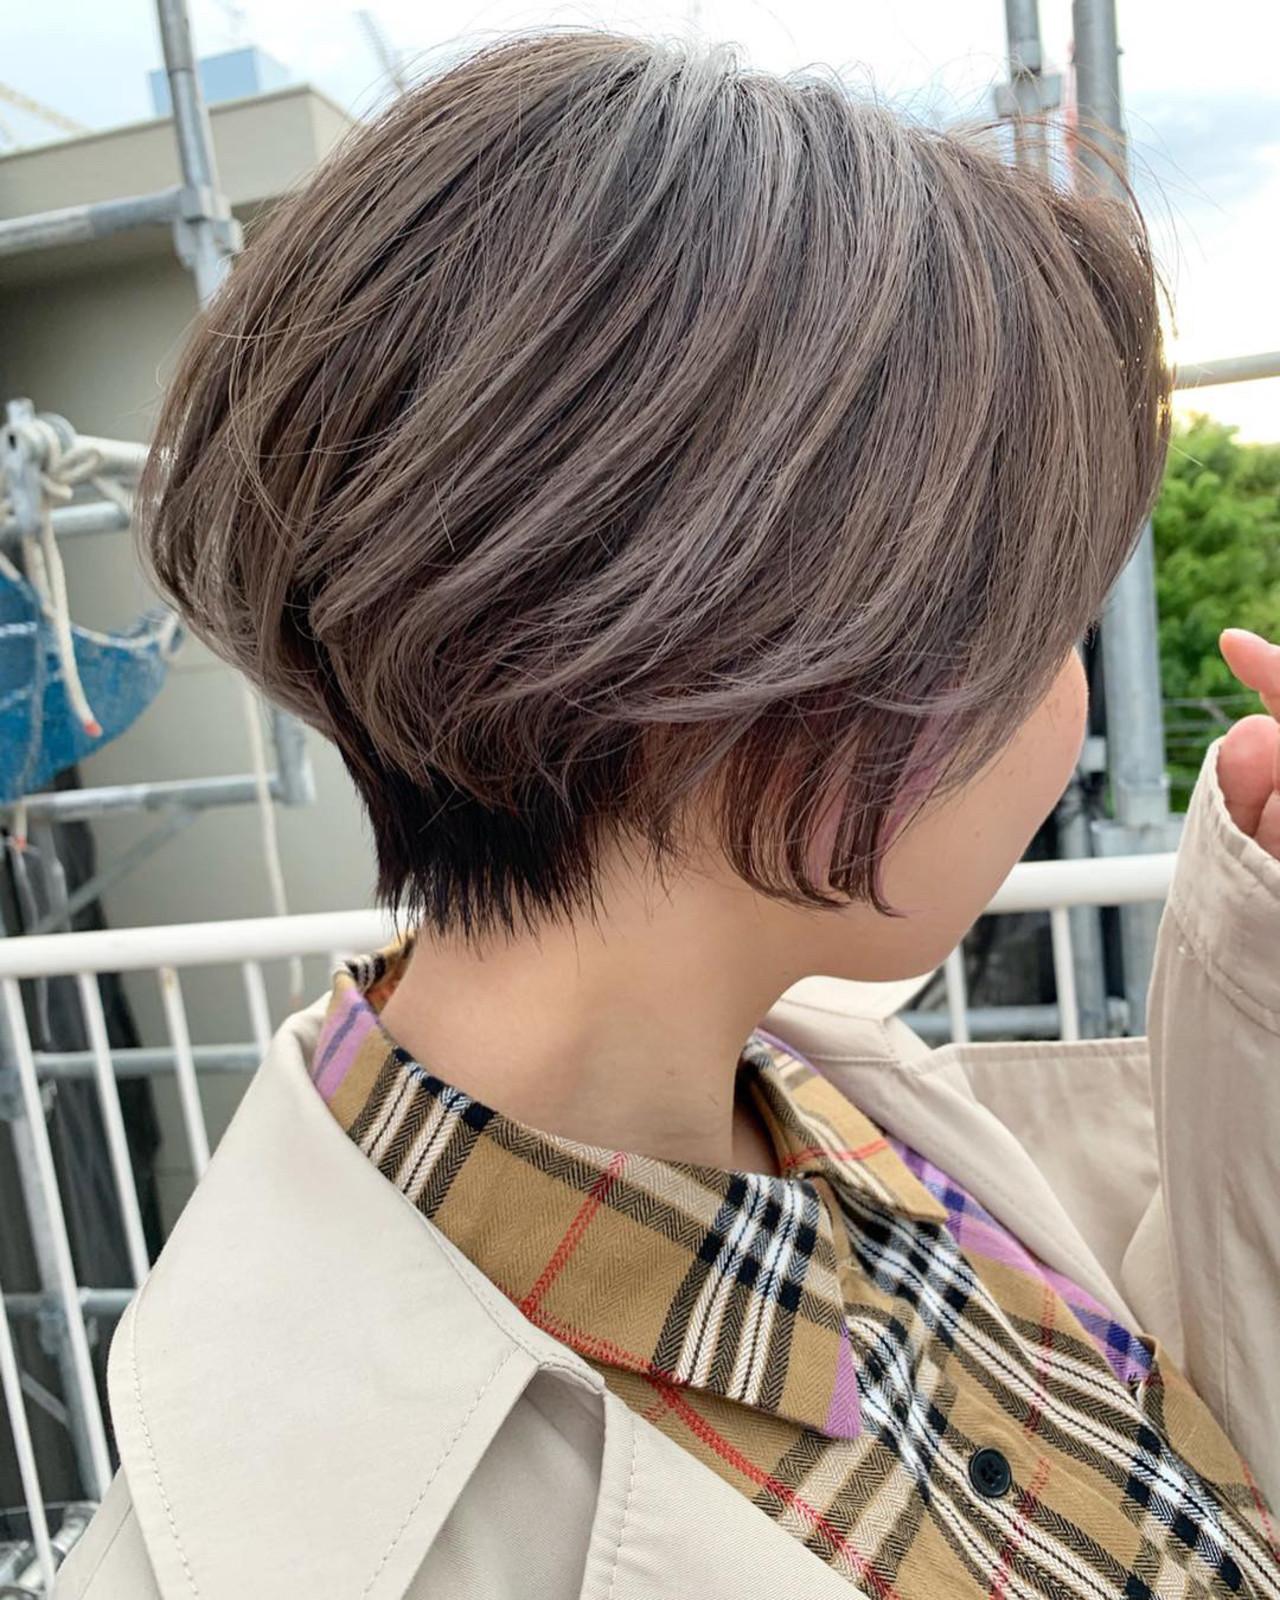 ラベンダーグレー ハンサムショート ショート ミルクティーグレー ヘアスタイルや髪型の写真・画像 | MORNING.miya/@1031miya / HAIR MORNING.